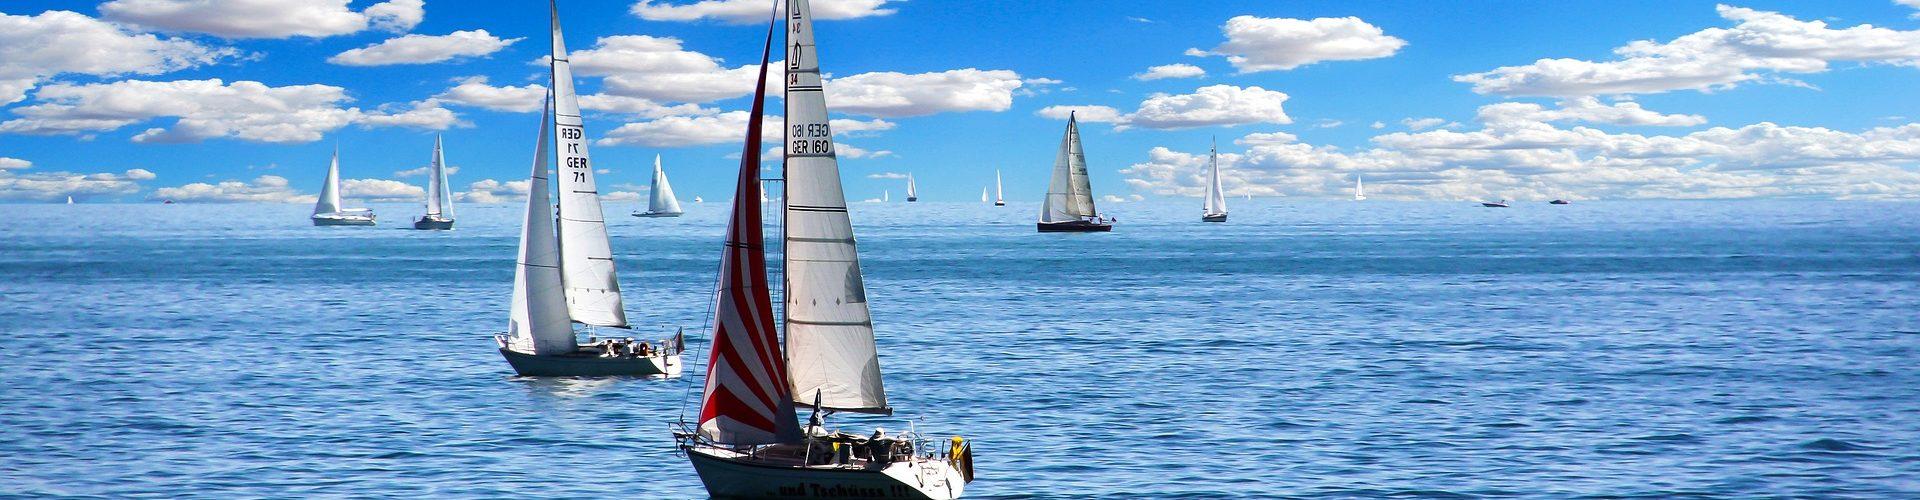 segeln lernen in Mirow segelschein machen in Mirow 1920x500 - Segeln lernen in Mirow